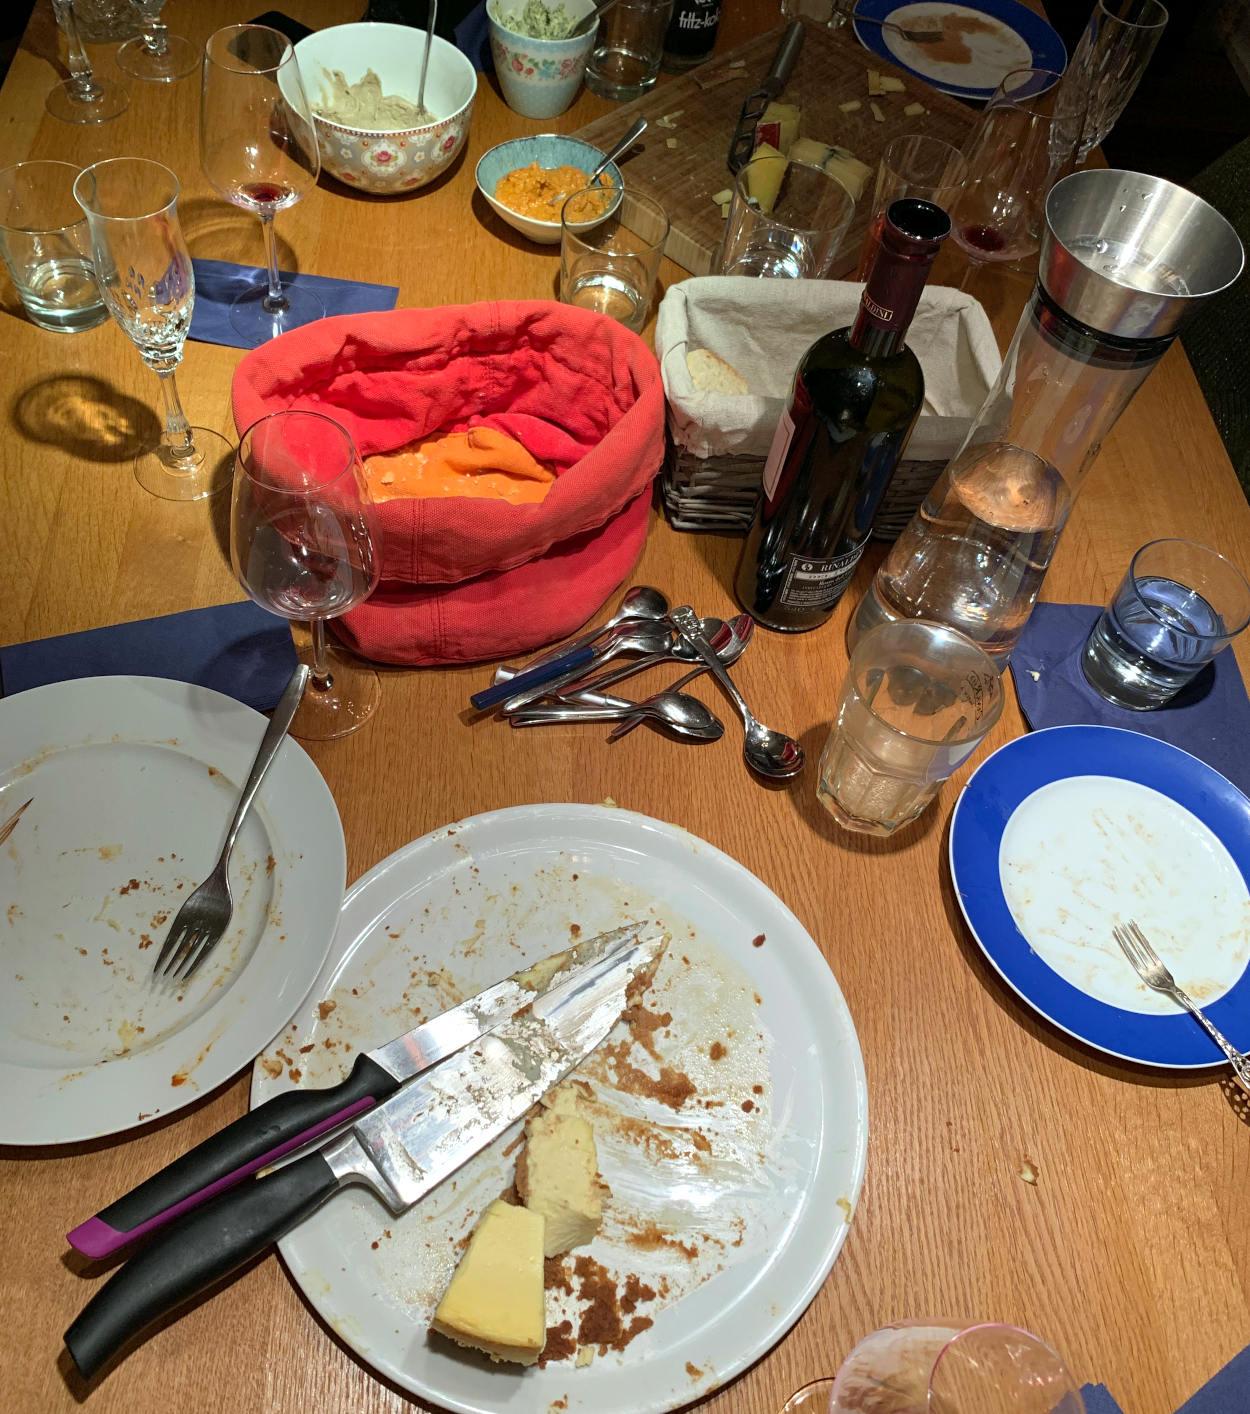 Tisch mit leeren, schmutzigen Tellern, einem leeren Brotkorb, einem Rest Käsekuchen, Gläsern und einer Weinflasche